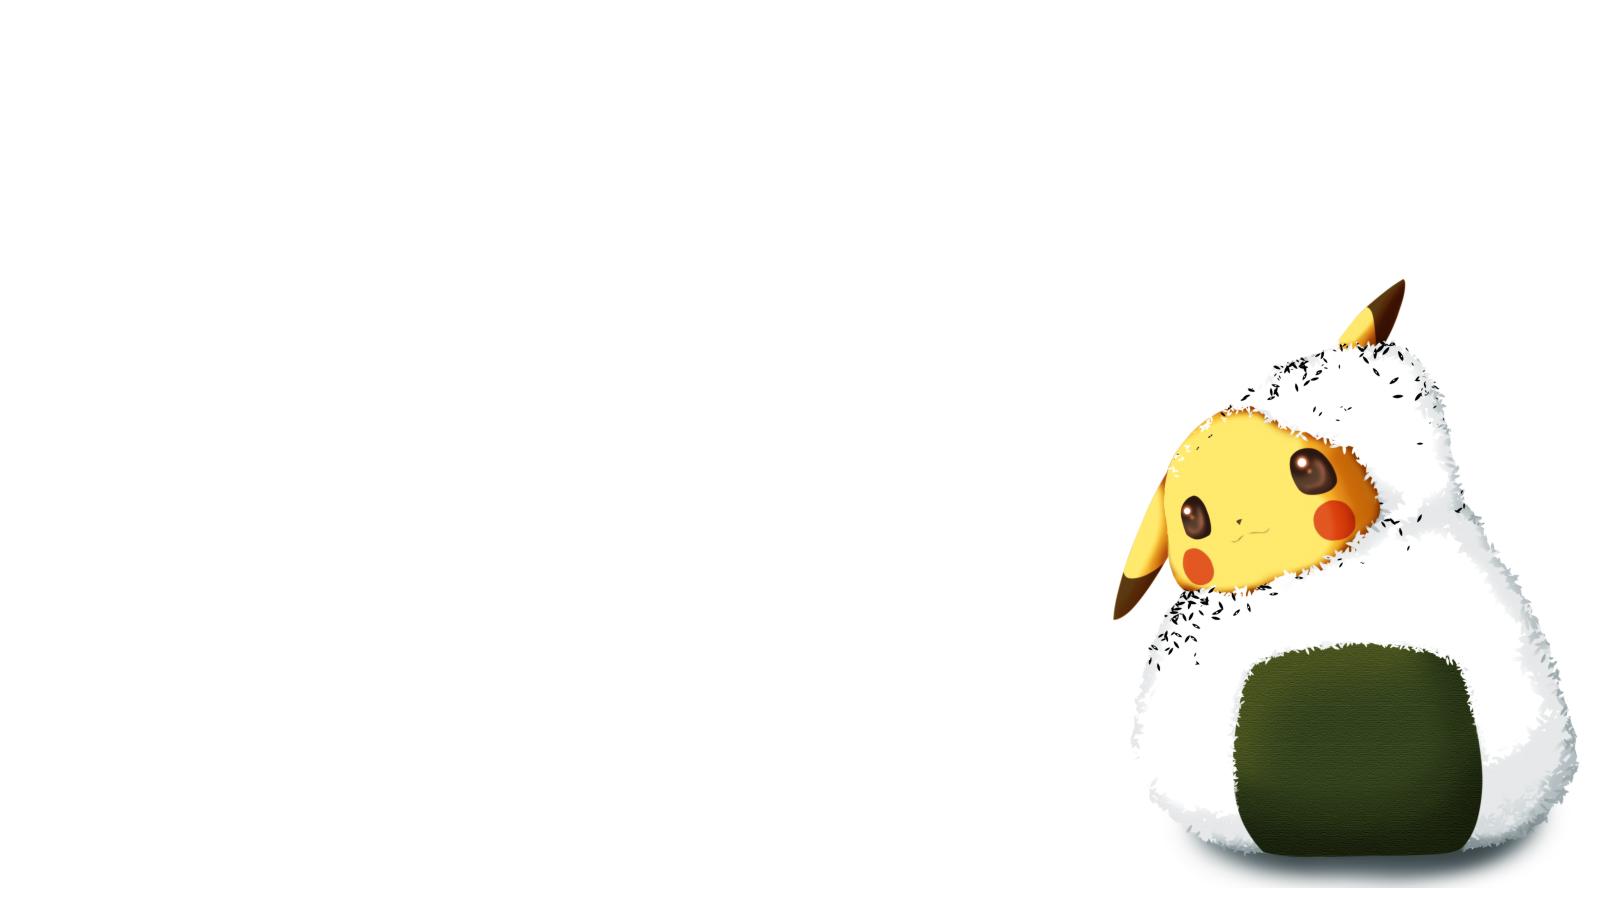 Pokemon Pikachu Wallpaper 1600x900 Pokemon Pikachu Rice 1600x900